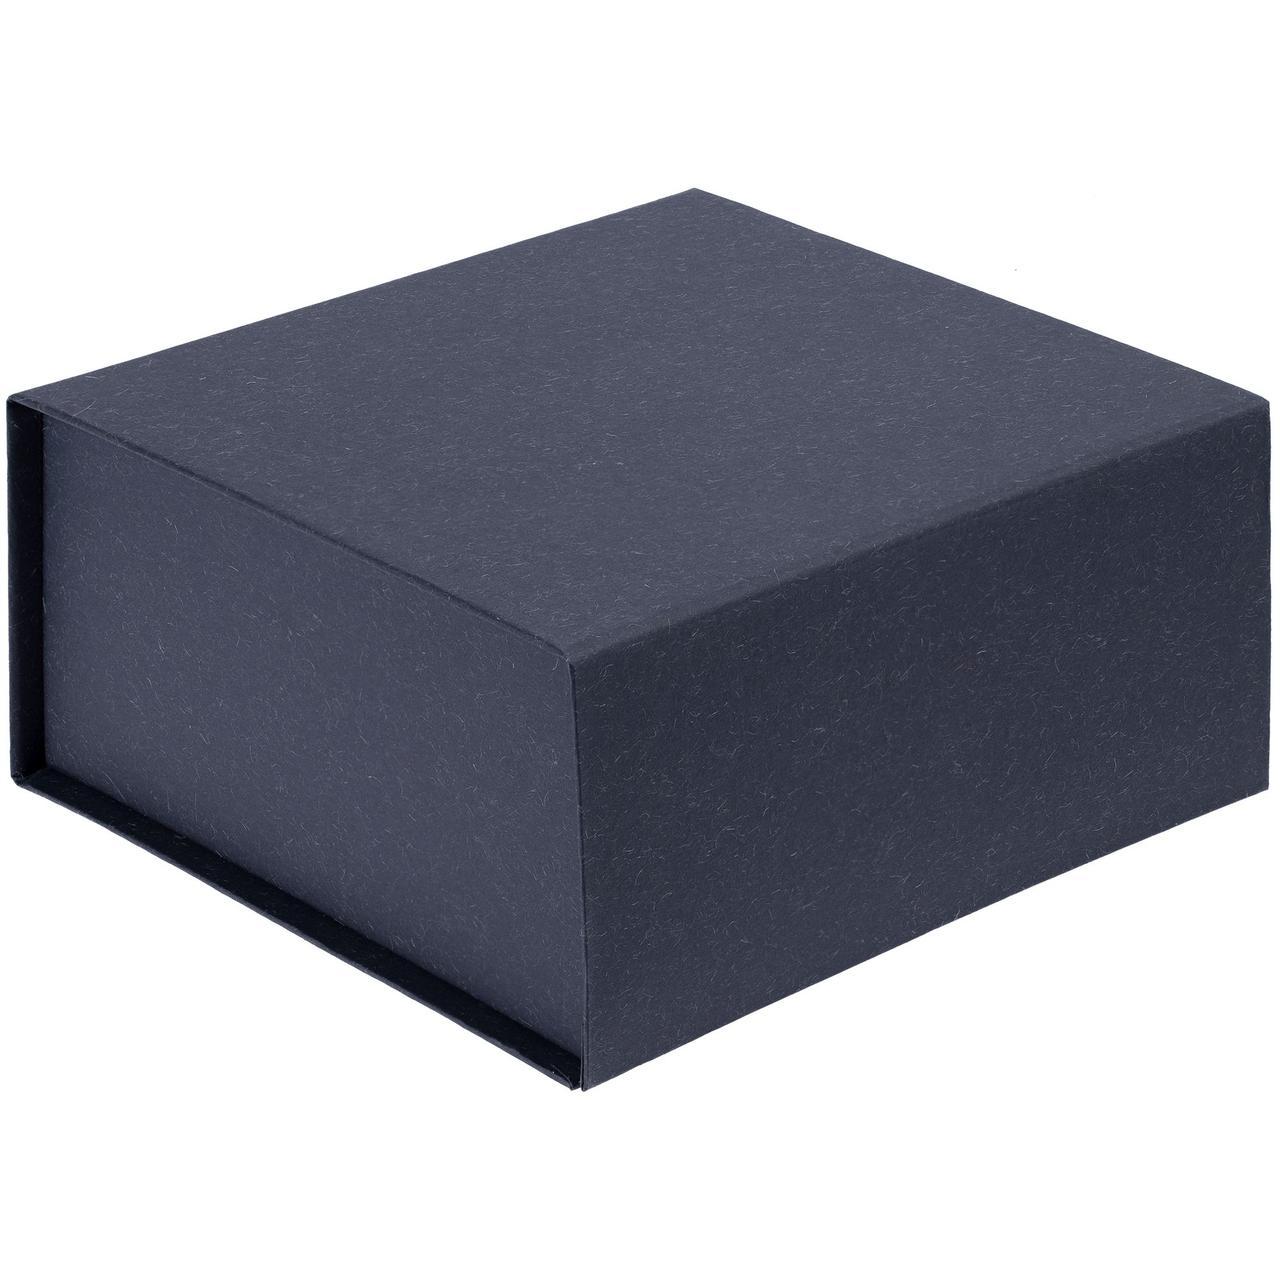 Коробка Eco Style, синяя (артикул 72001.40)